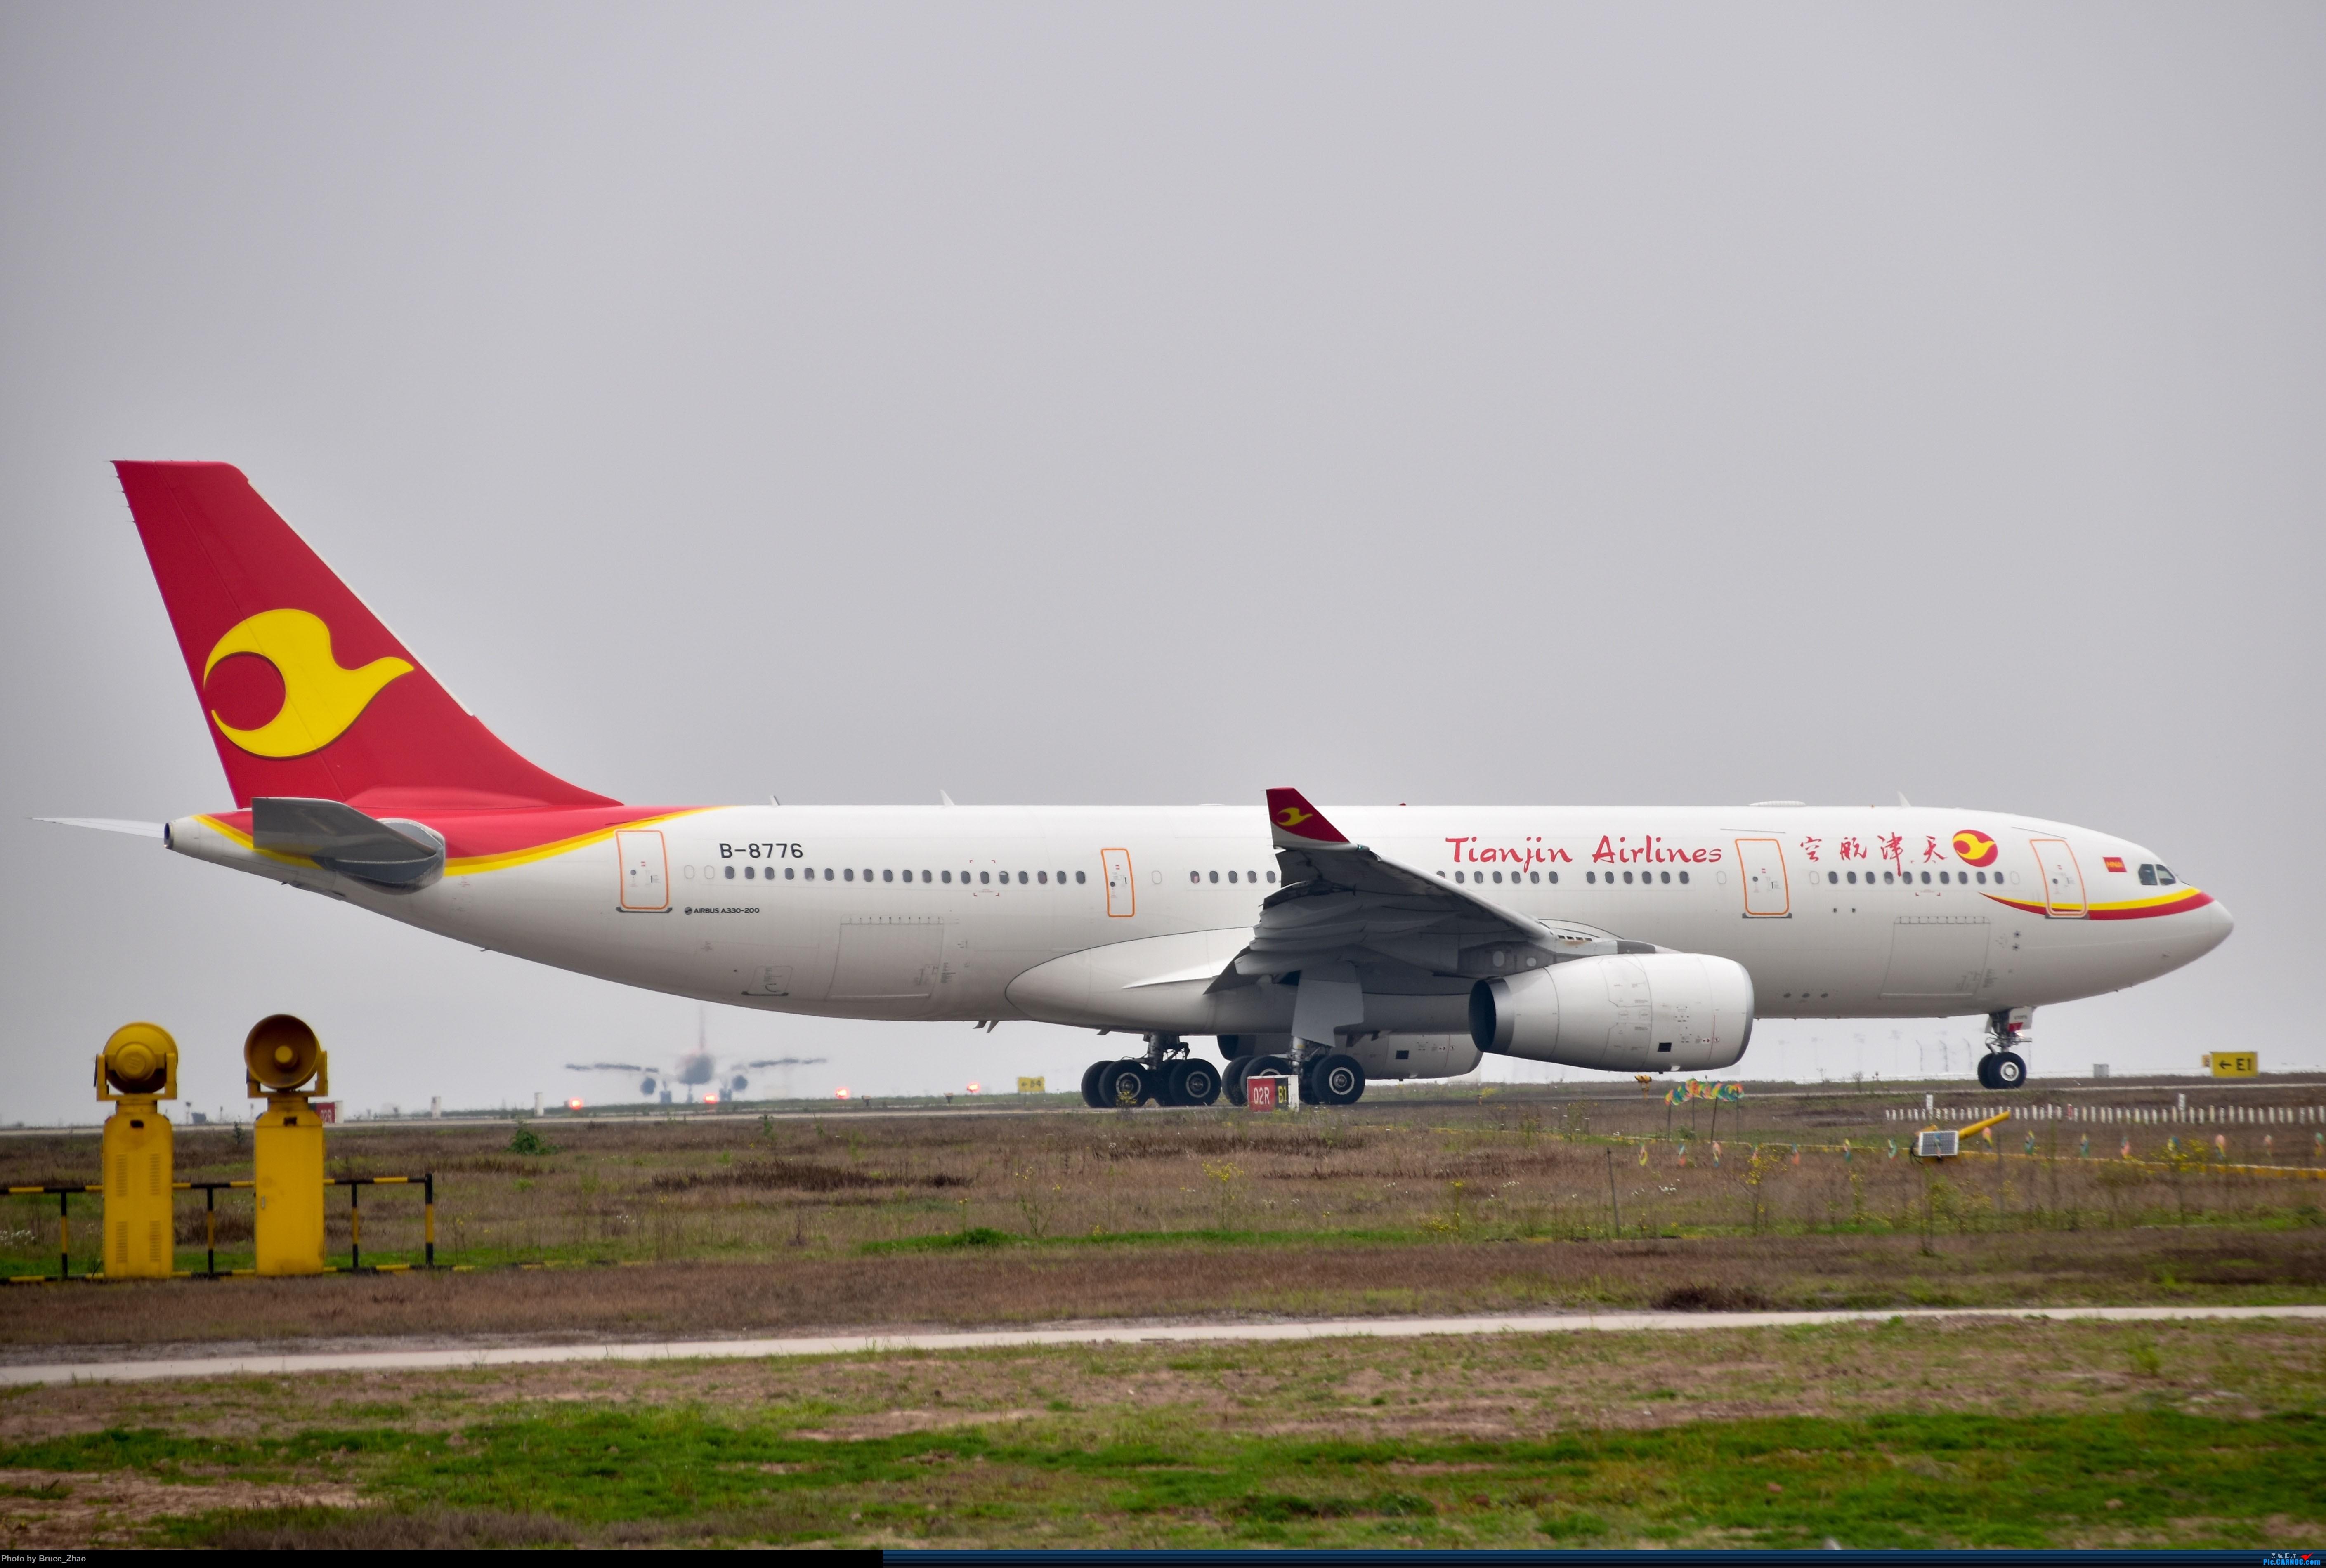 [原创]天津航空A330-200 AIRBUS A330-200 B-8776 中国重庆江北国际机场